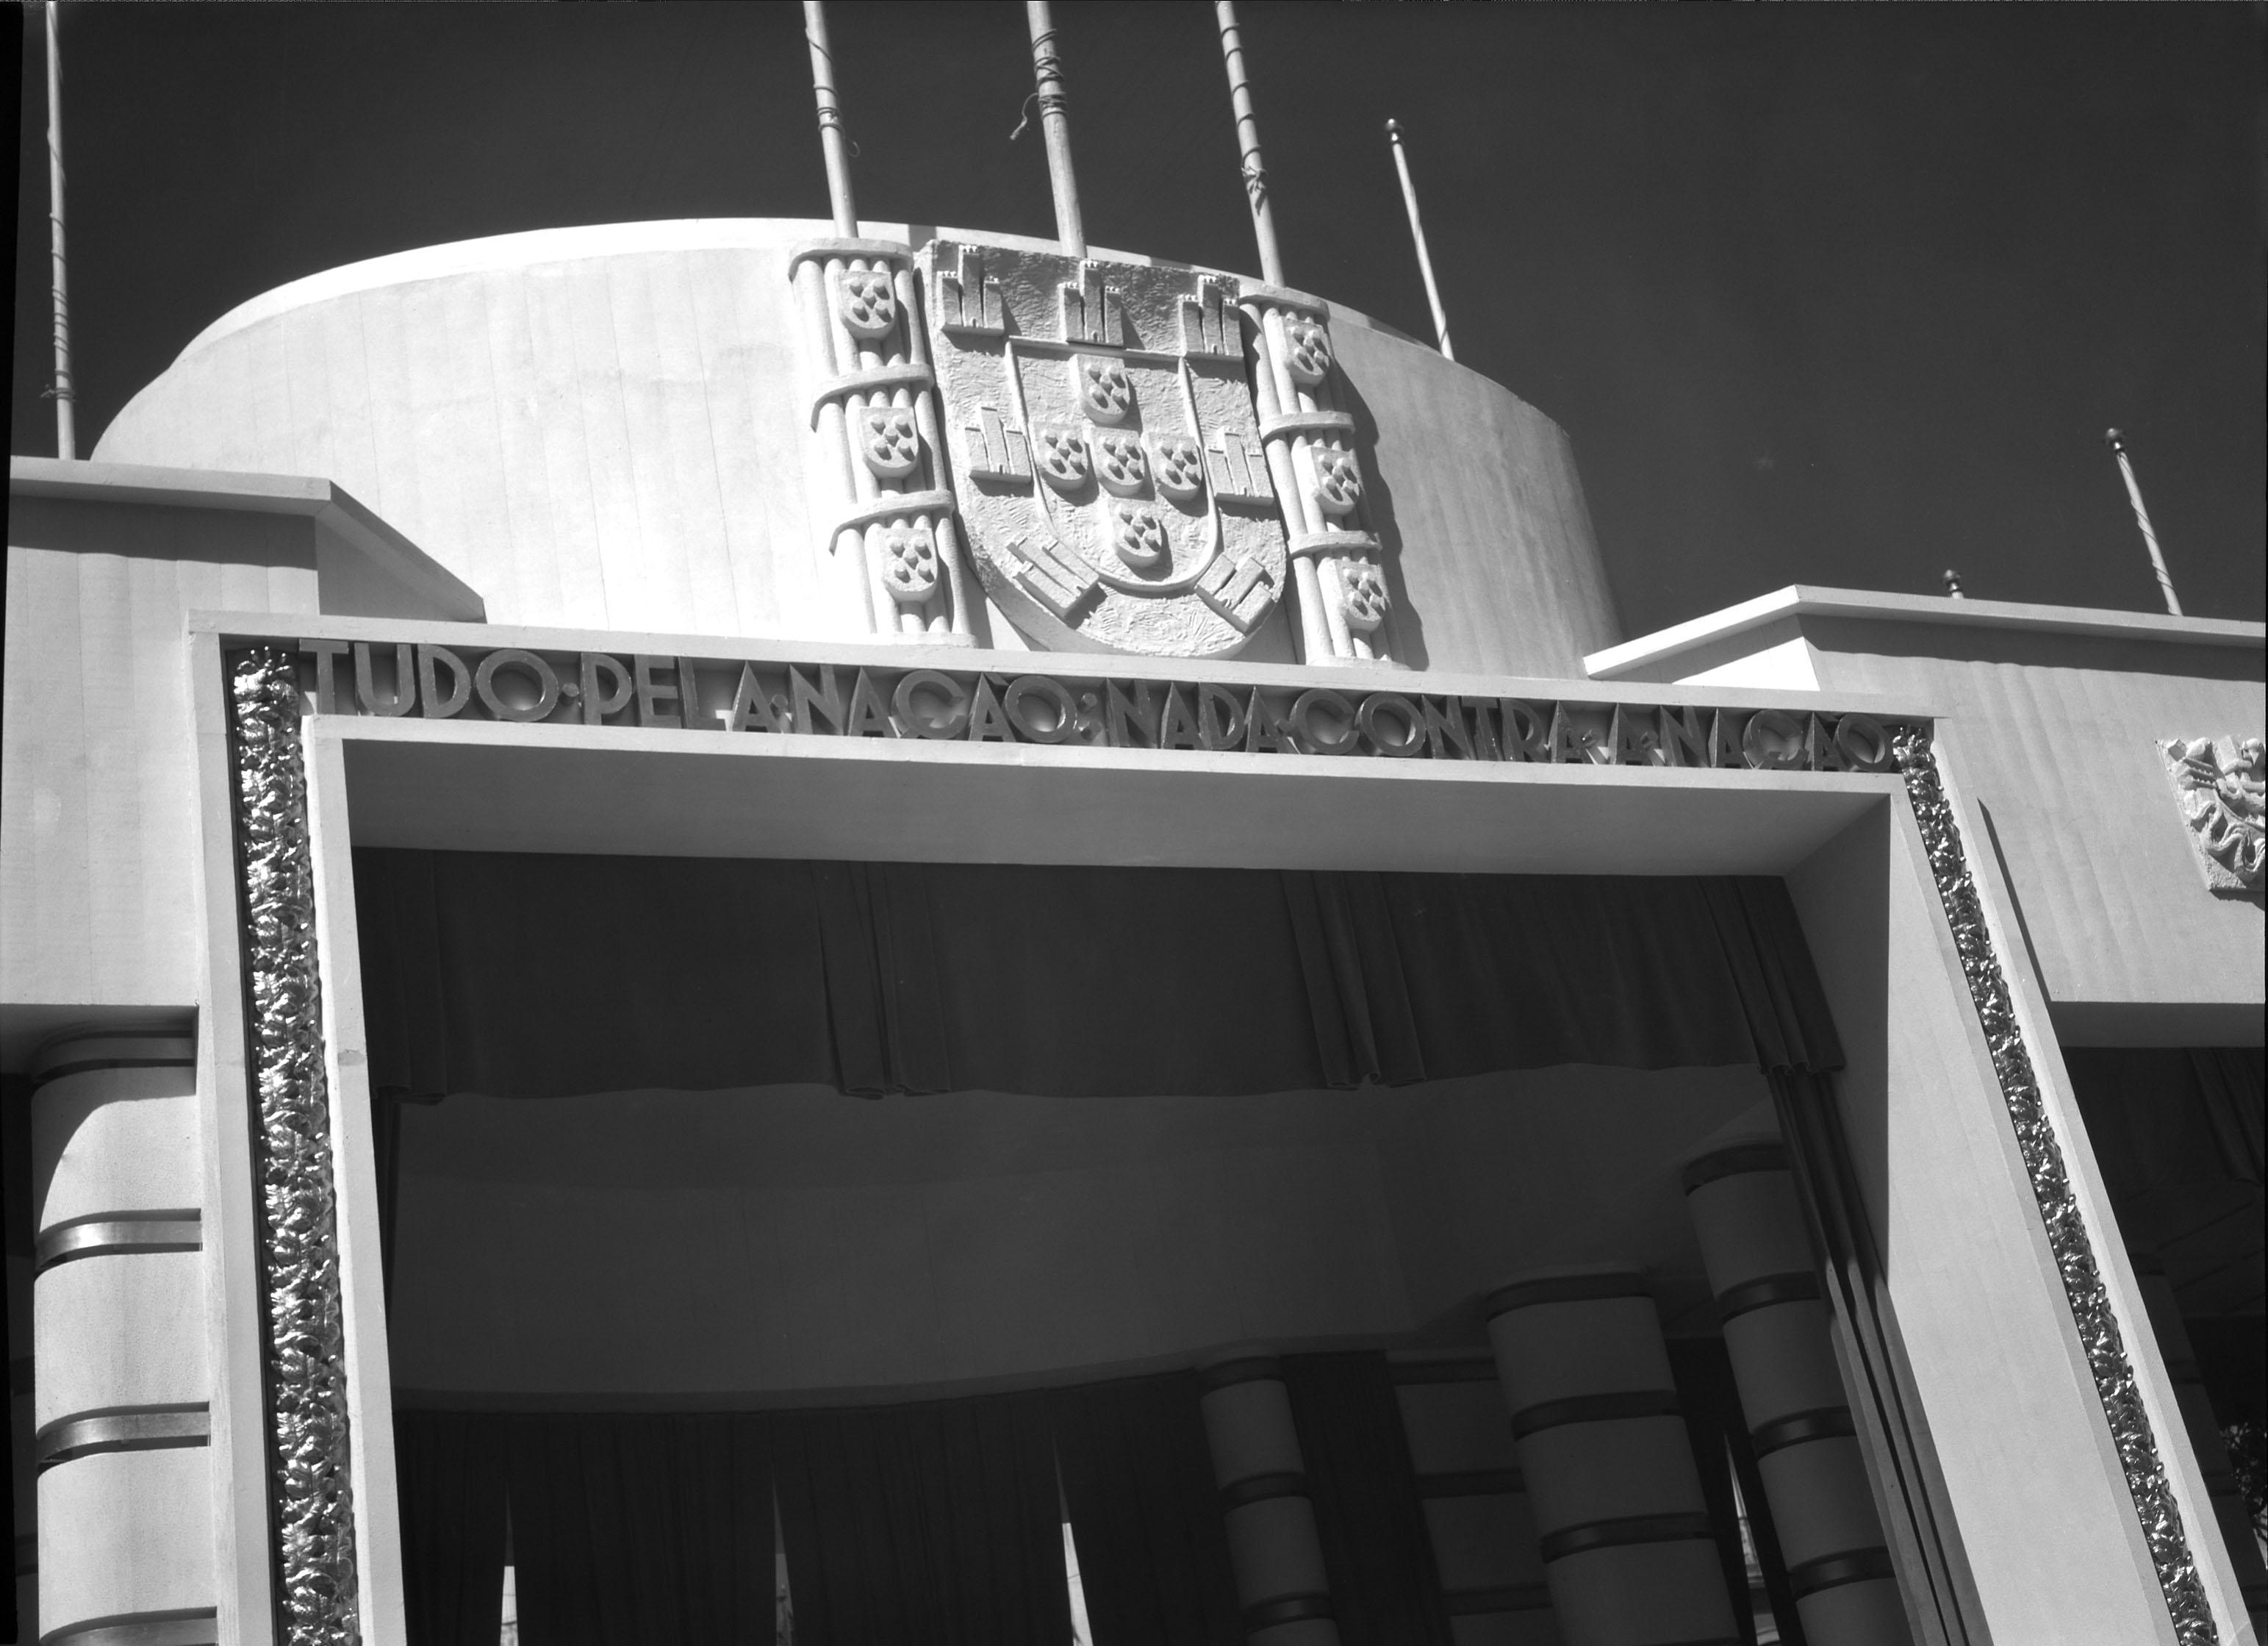 Tudo pela Nação. Nada contra a Nação, Portugal (M. Novaes, 1938)